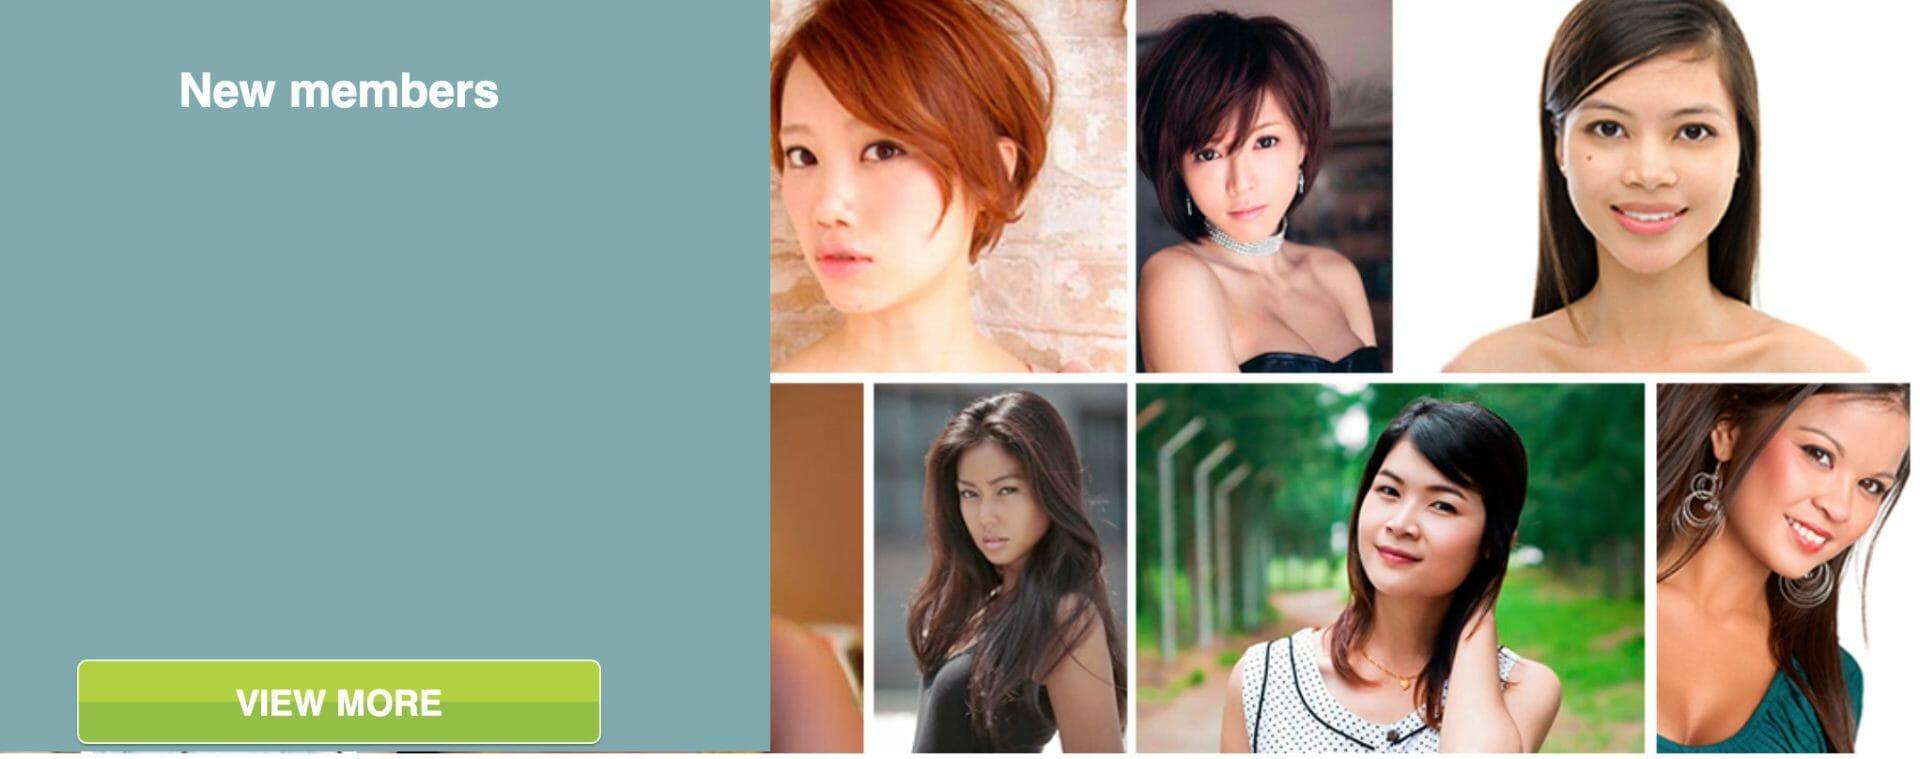 Asian2Date new members